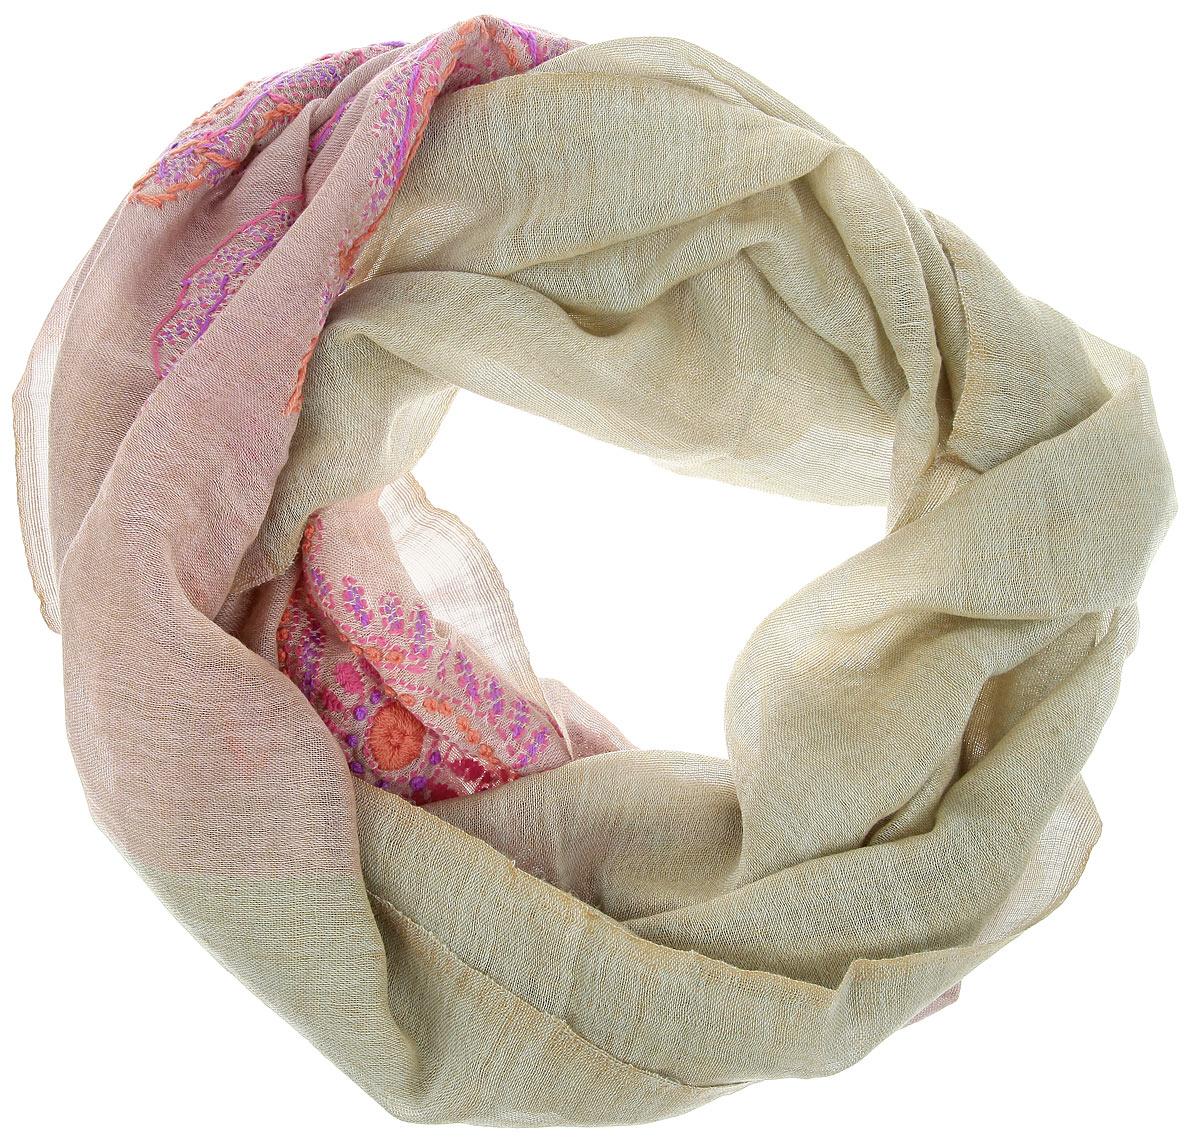 Палантин Michel Katana, цвет: серо-зеленый, серо-розовый. ZW.EMB/LILAC. Размер 70 см x 200 смZW.EMB/LILACОчаровательный палантин Michel Katana подчеркнет ваш неповторимый образ.Изделие выполнено из высококачественной шерсти и оформлено оригинальной ручной вышивкой. Палантин очень мягкий и приятный на ощупь, хорошо драпируется. Размер этого палантина позволяет уютно закутаться в него прохладным вечером. Этот модный аксессуар женского гардероба гармонично дополнит образ современной женщины, следящей за своим имиджем и стремящейся всегда оставаться стильной и элегантной.